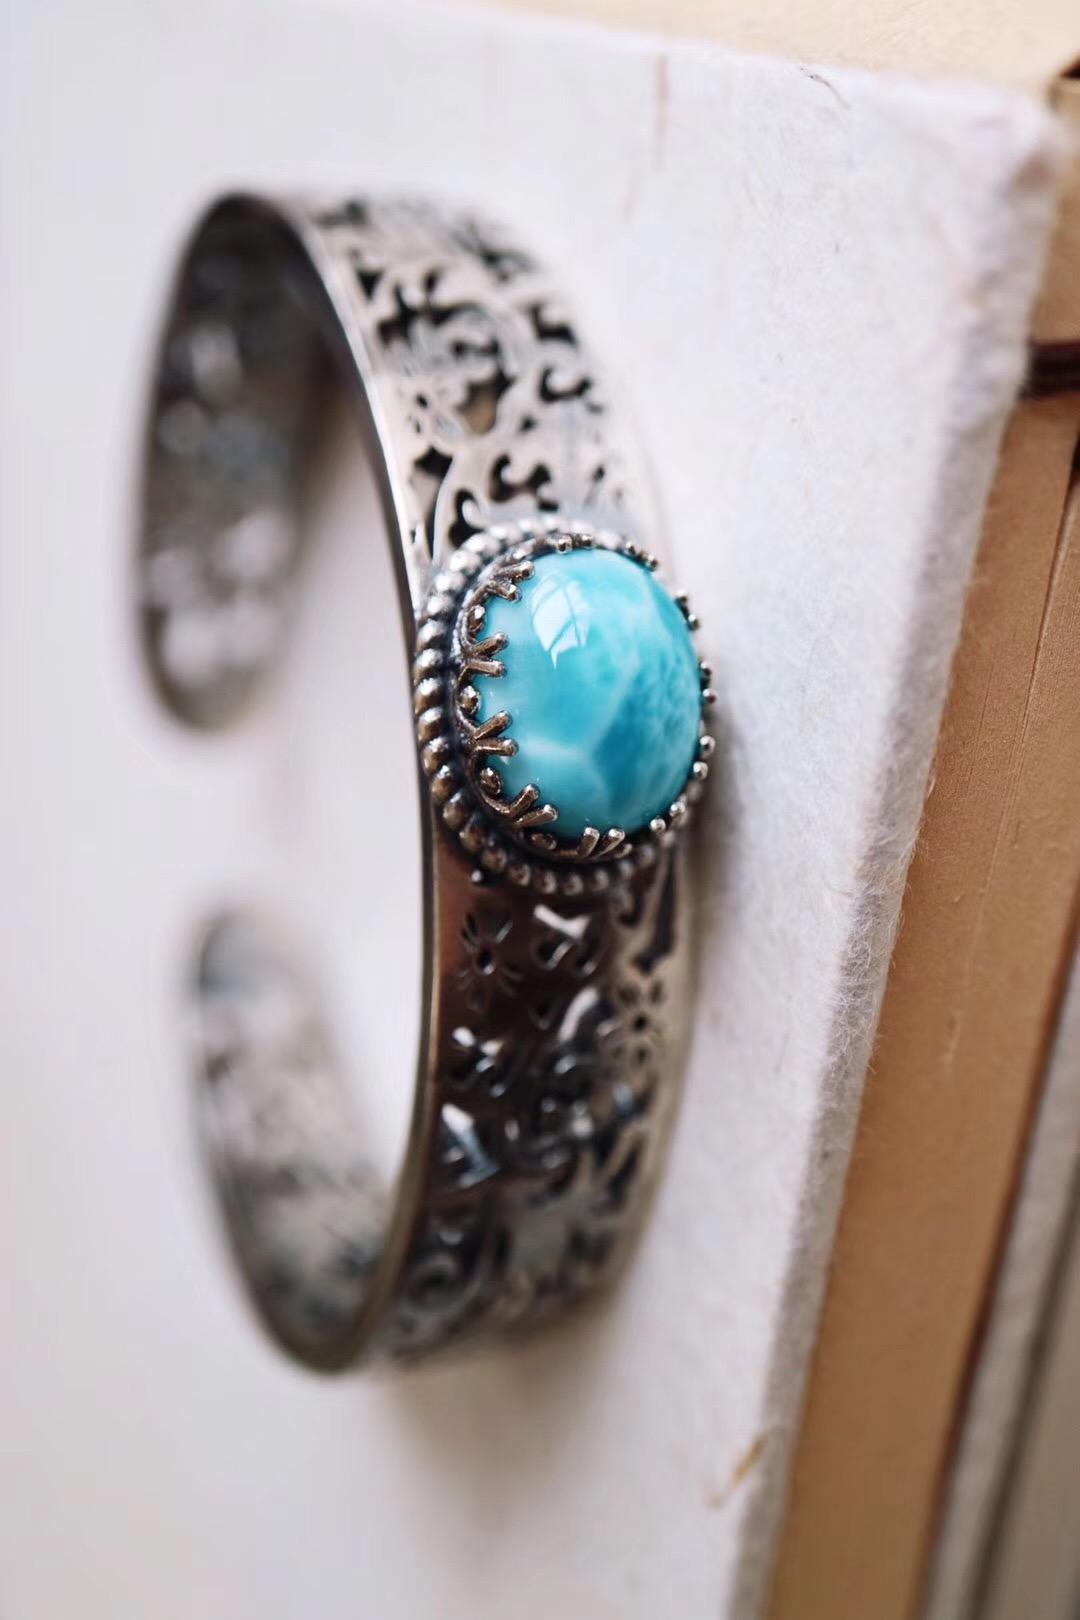 【菩心-海纹石&客订】古代称手镯为跳脱-菩心晶舍